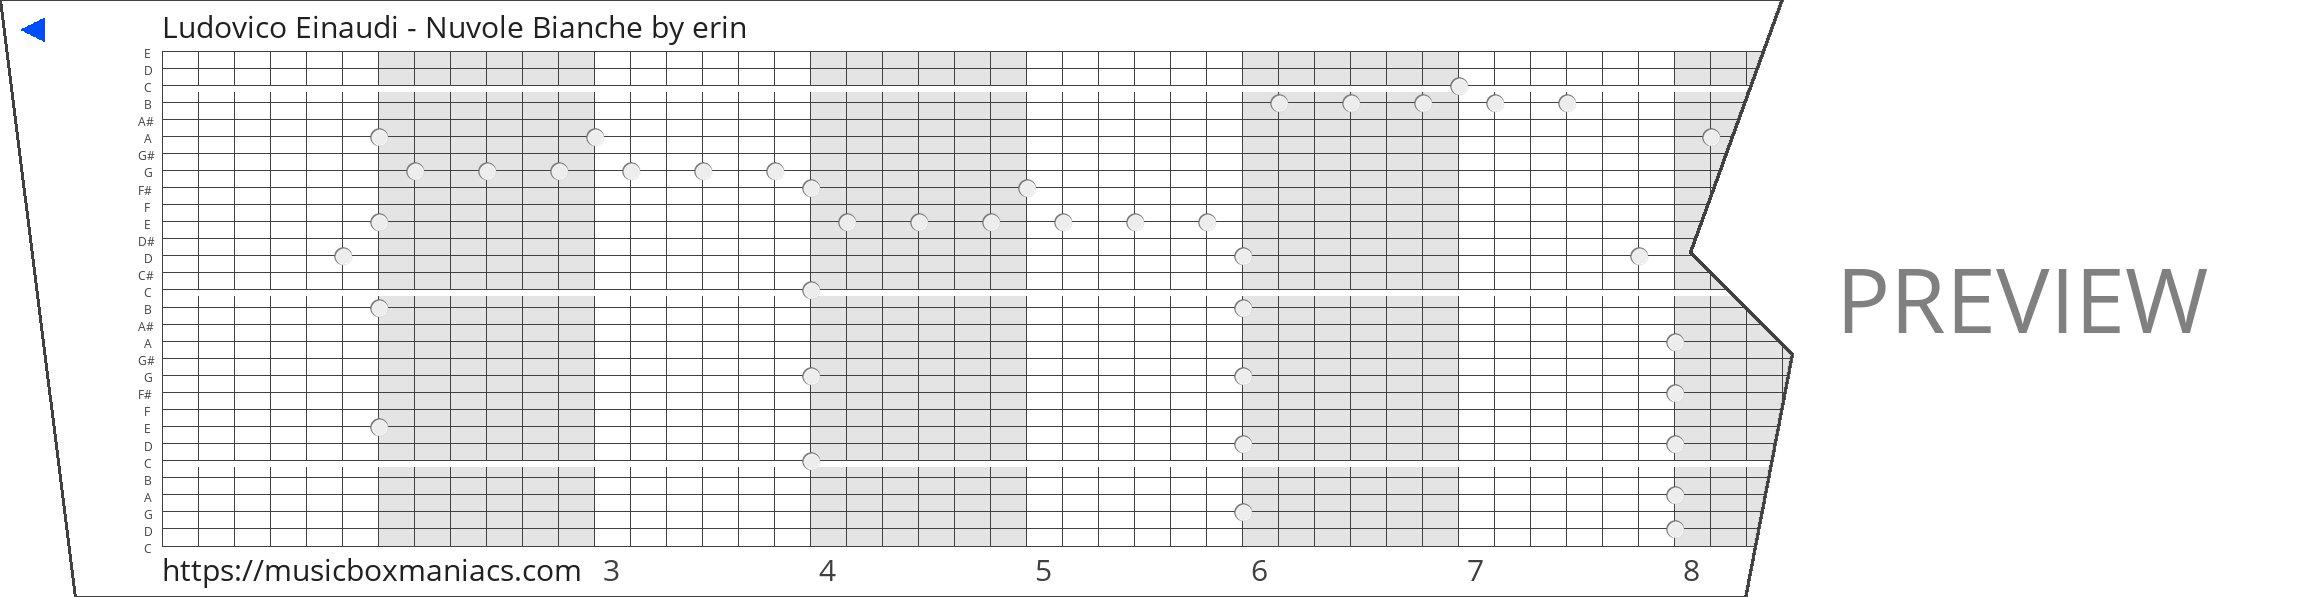 Ludovico Einaudi - Nuvole Bianche 30 note music box paper strip